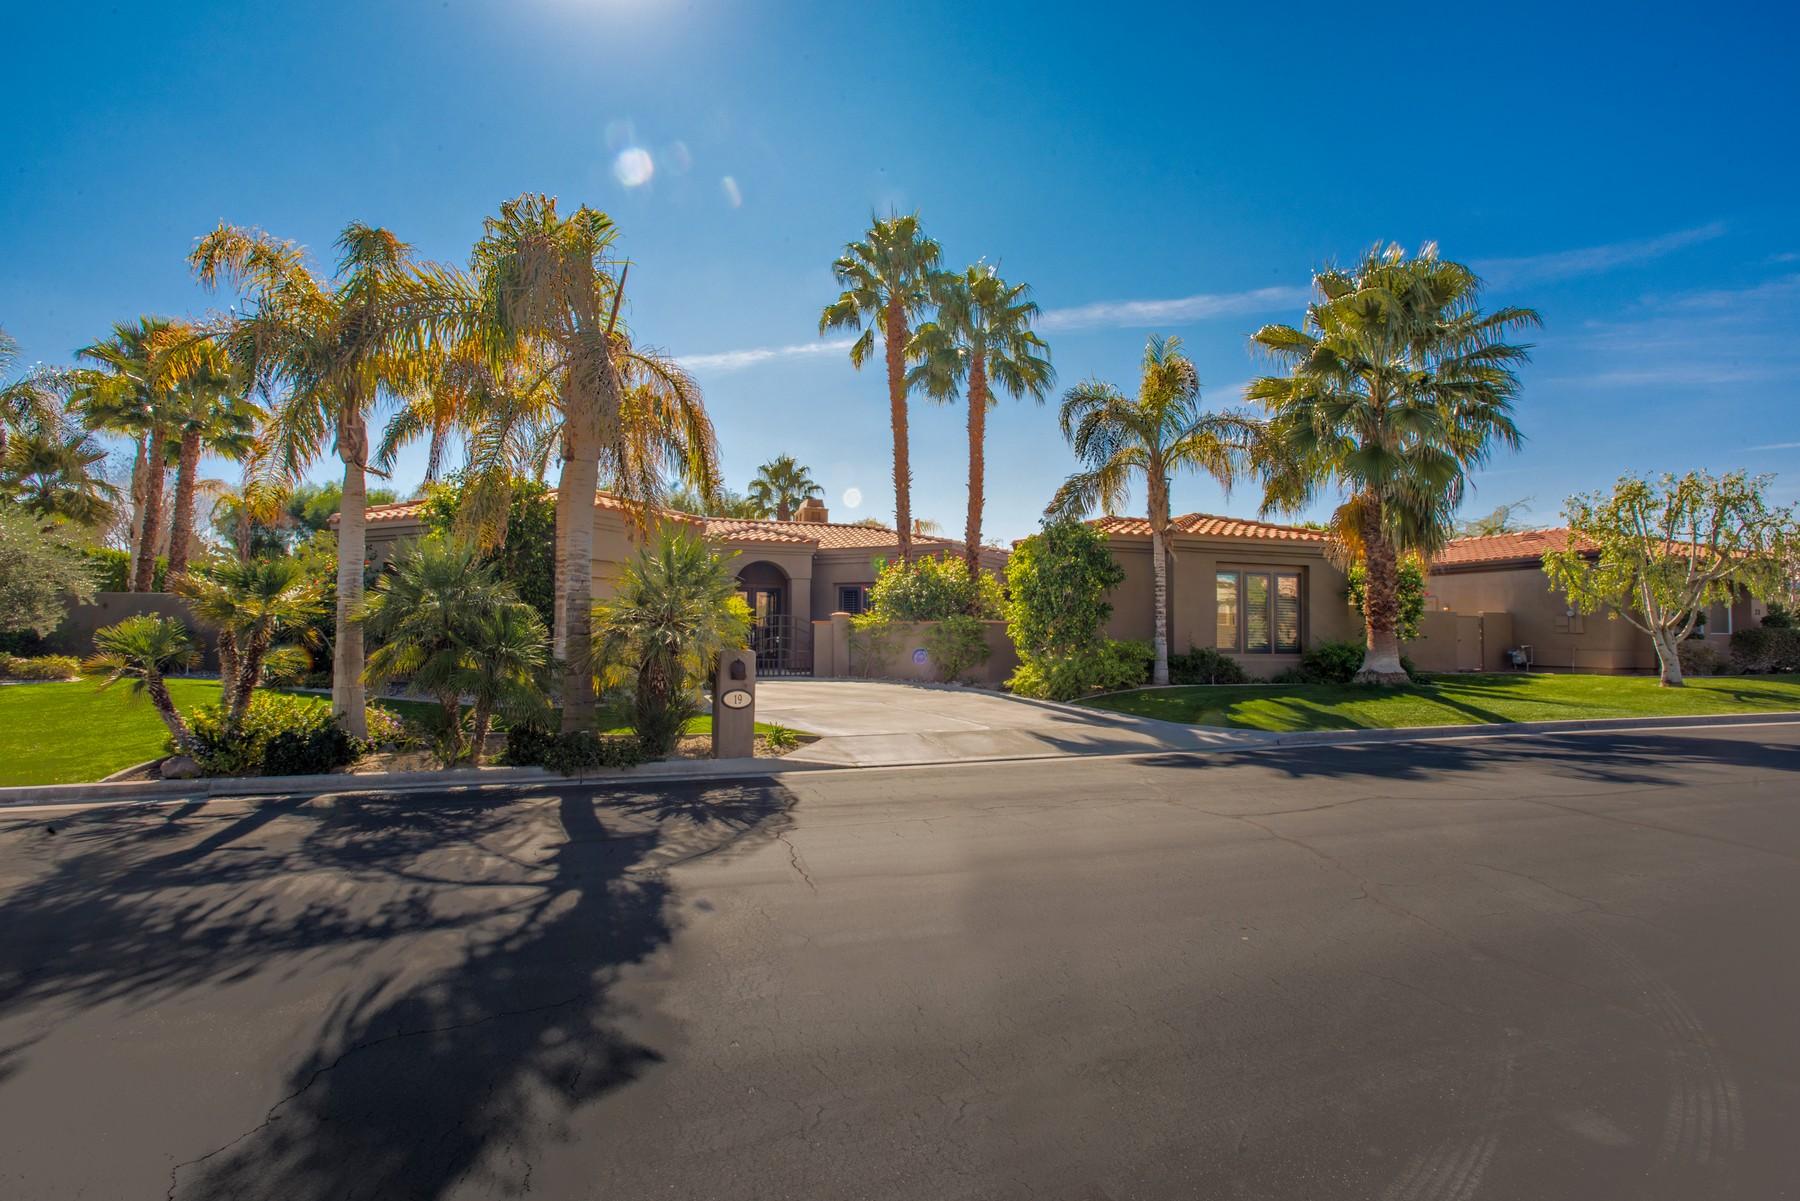 独户住宅 为 销售 在 19 Florence Lane Palm Desert, 加利福尼亚州, 92211 美国